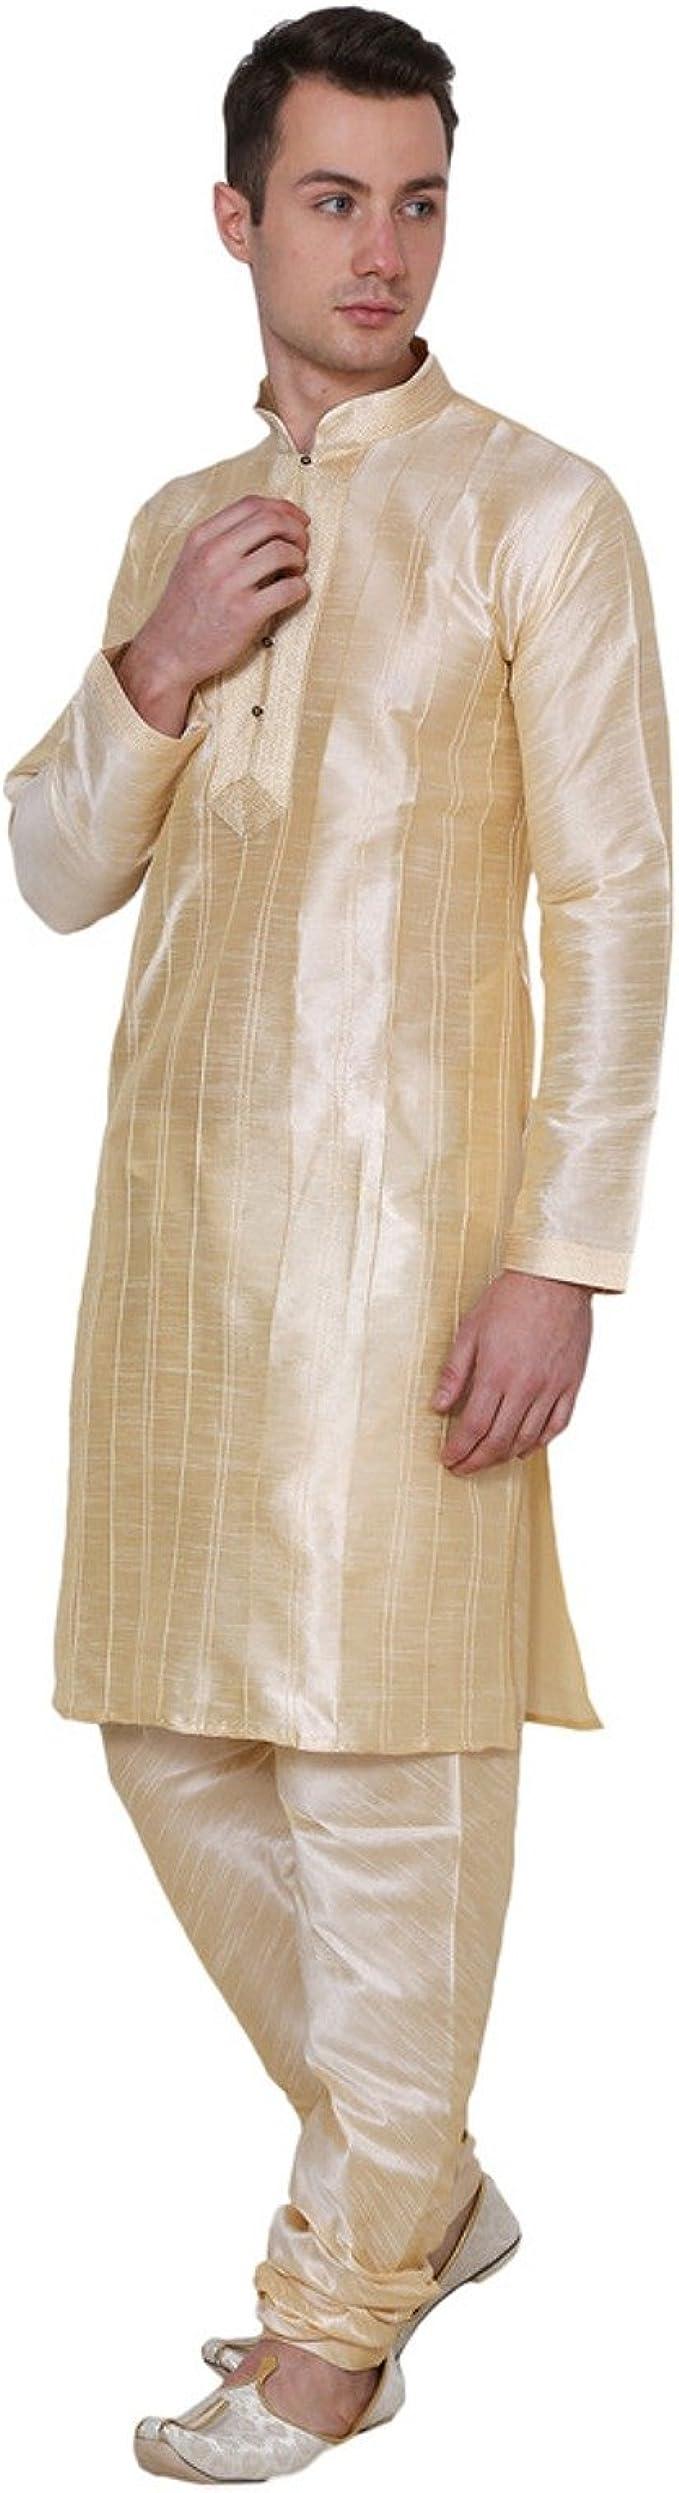 CRAFTSTRIBE Tragen Sie Kleidung Bollywood Indische Hochzeit Mens